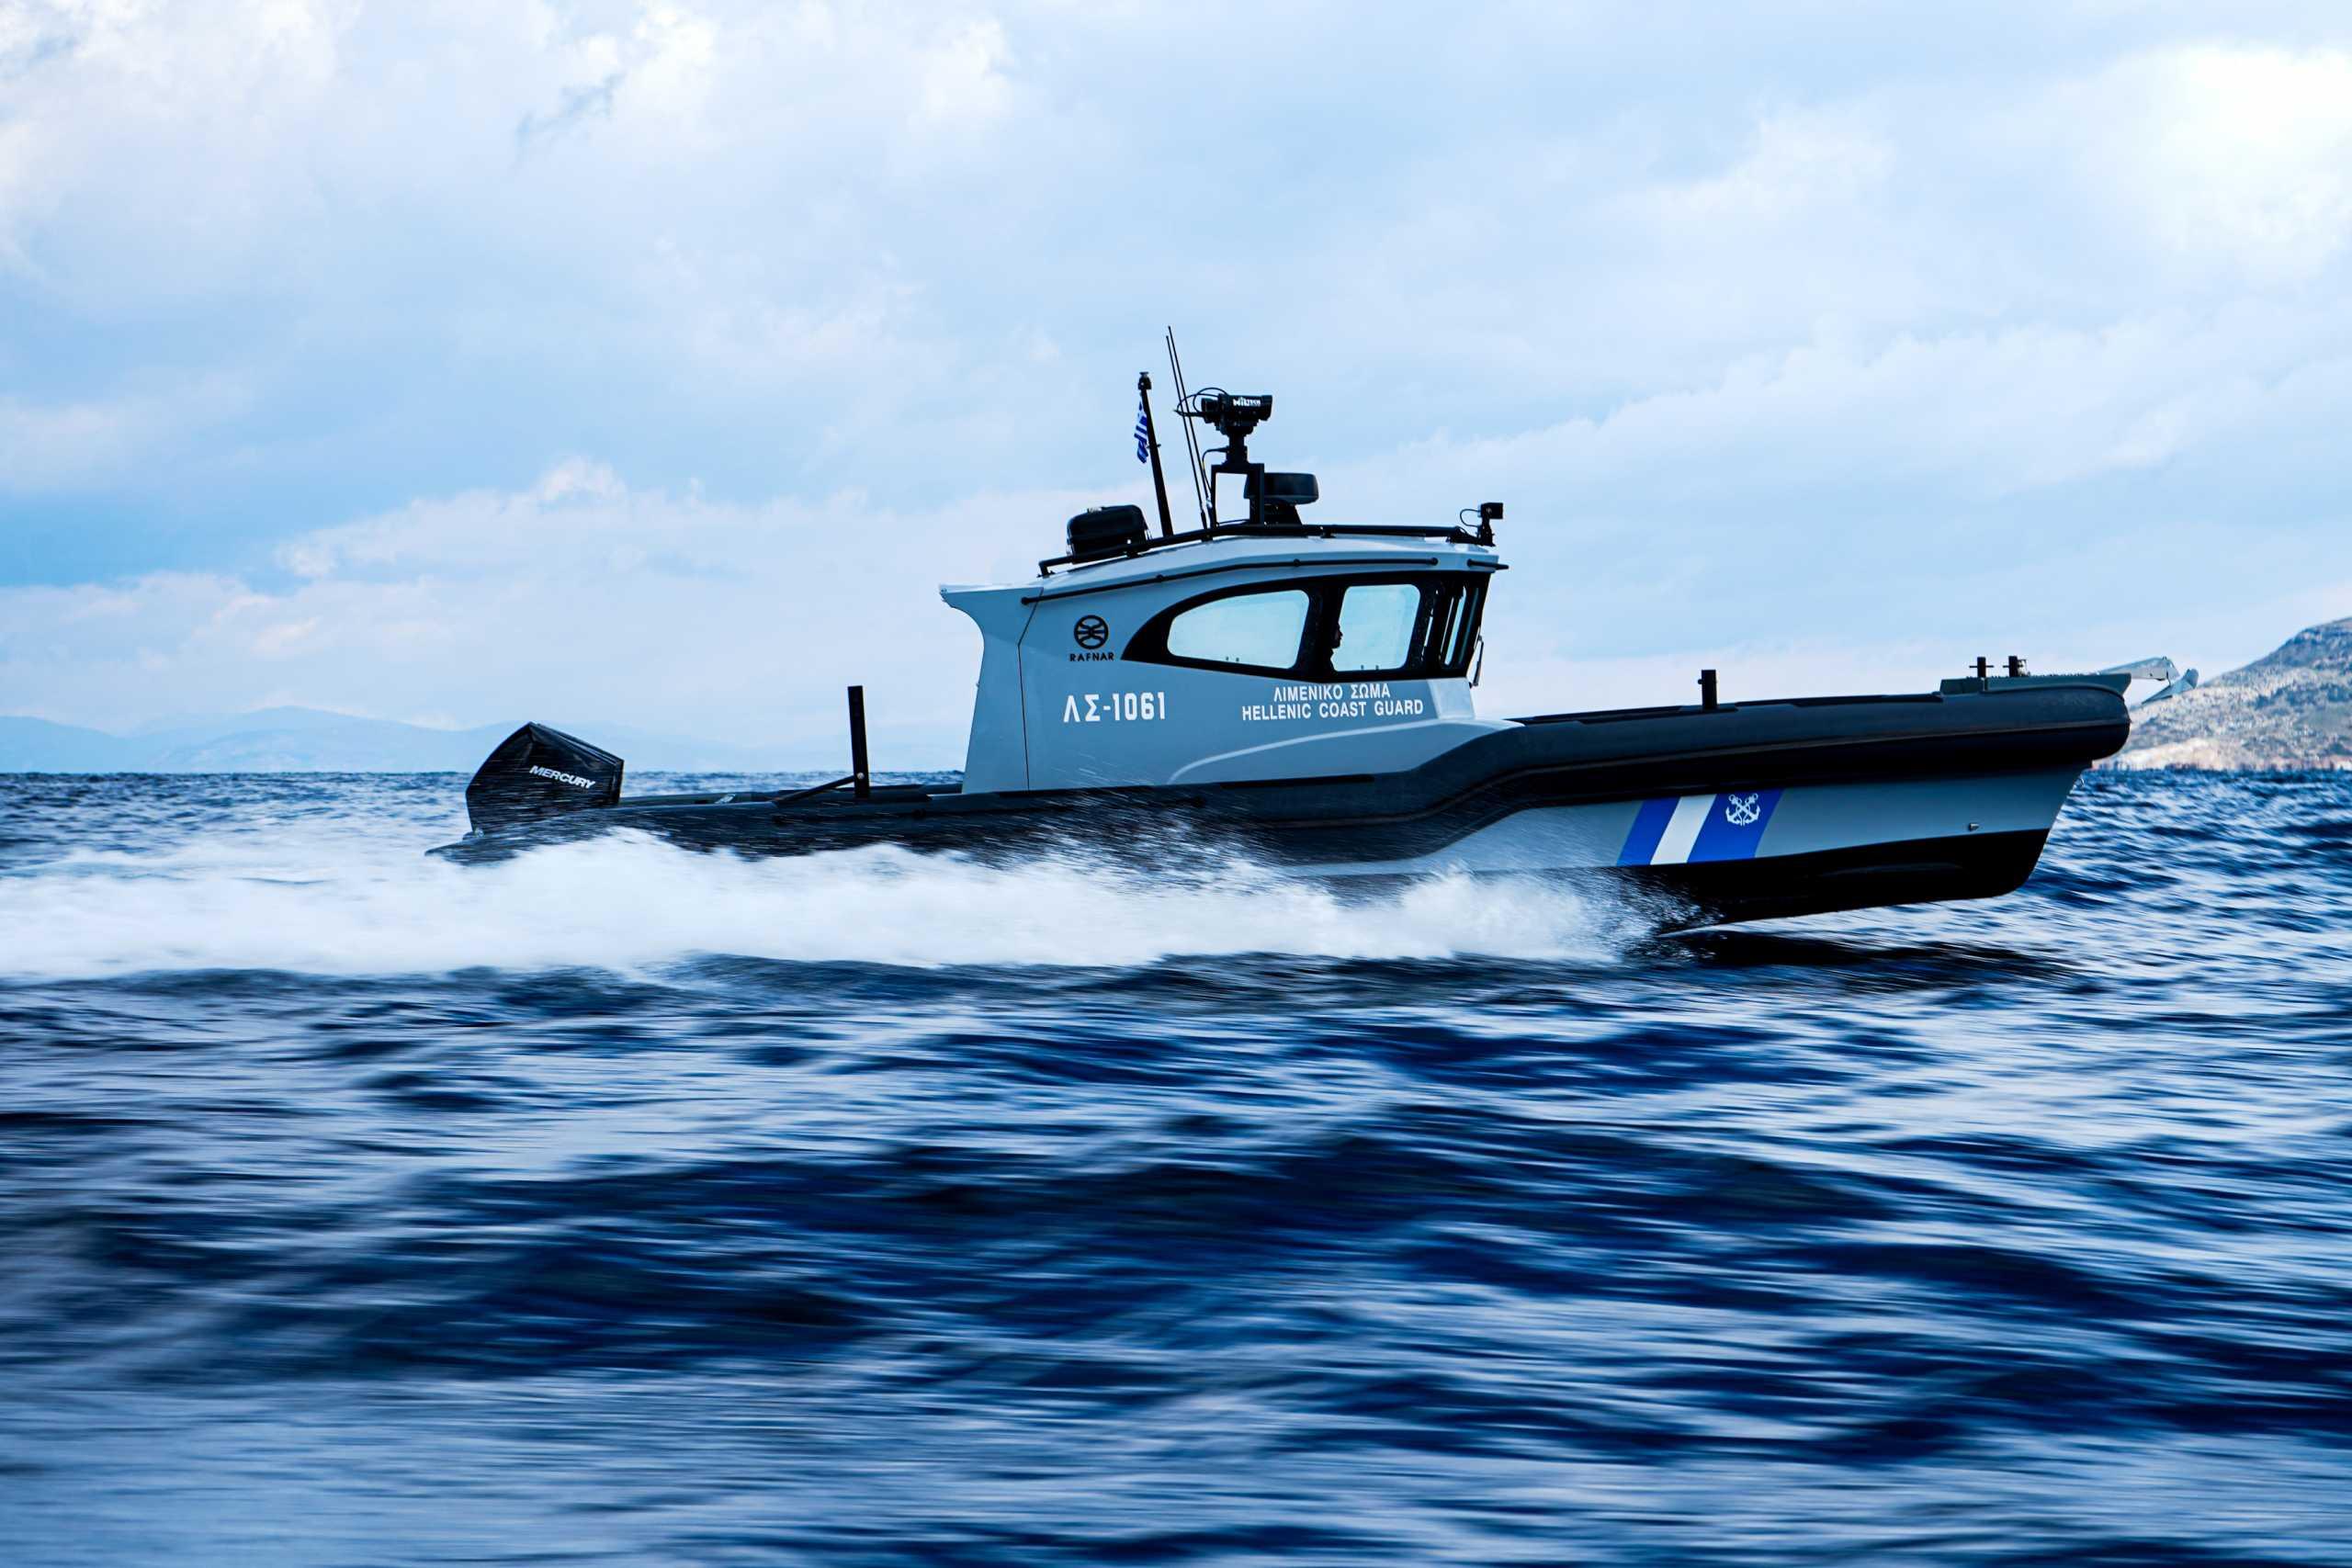 Επίδαυρος: Έξι συλλήψεις για αρχαία – Τα ανέσυραν από τη θάλασσα